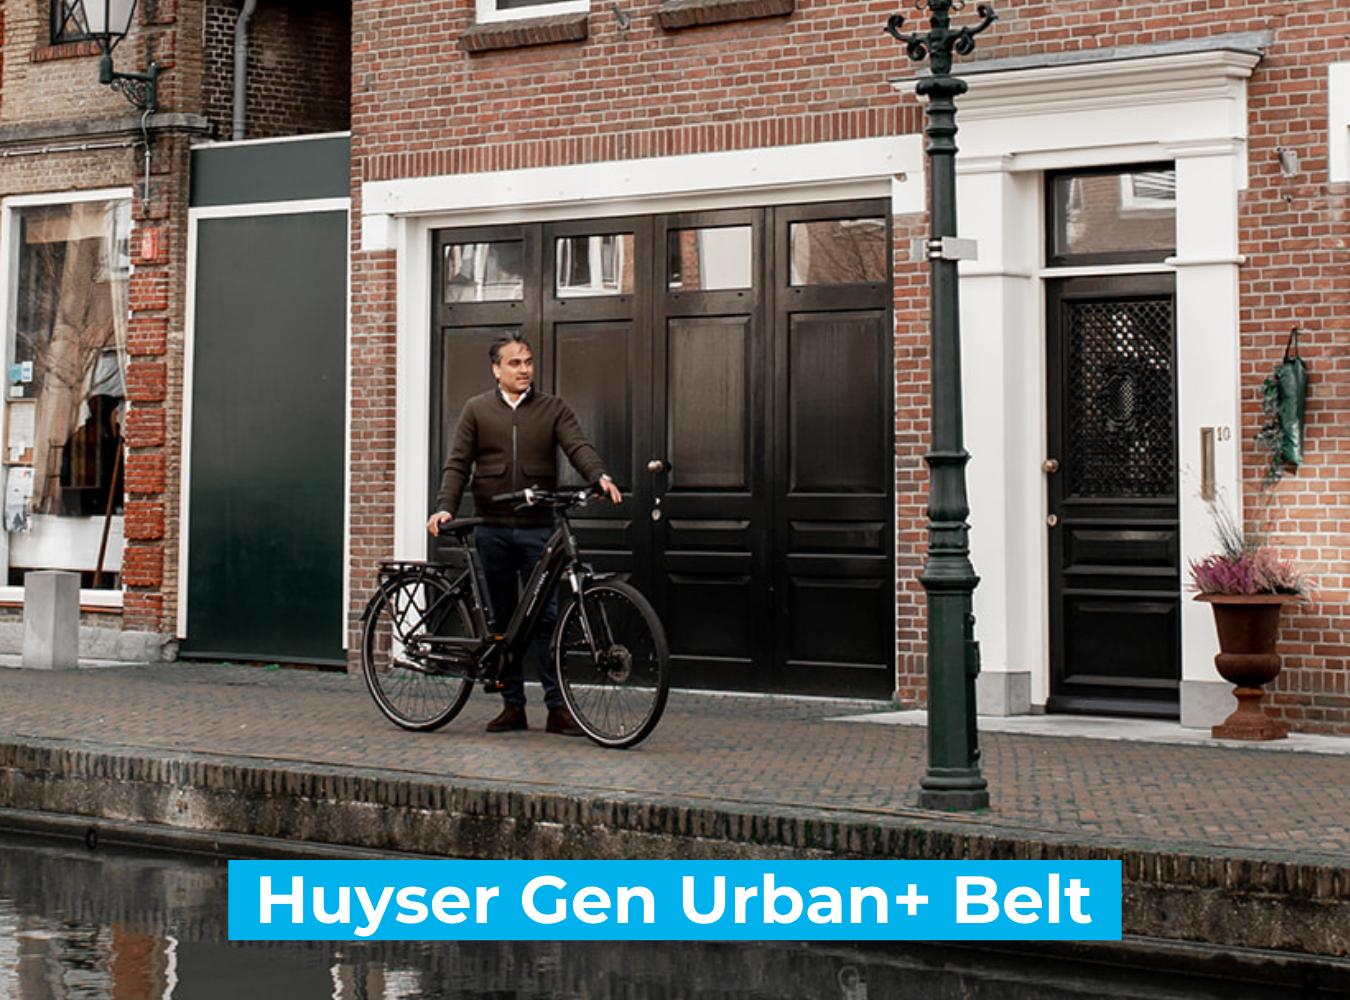 Koop de Huyser Gen Urban  Belt online bij Fietsuniek.nl en profiteer van een gratis EPIC service-upgrade met complete fietsservice door fietsenmakers aan huis.